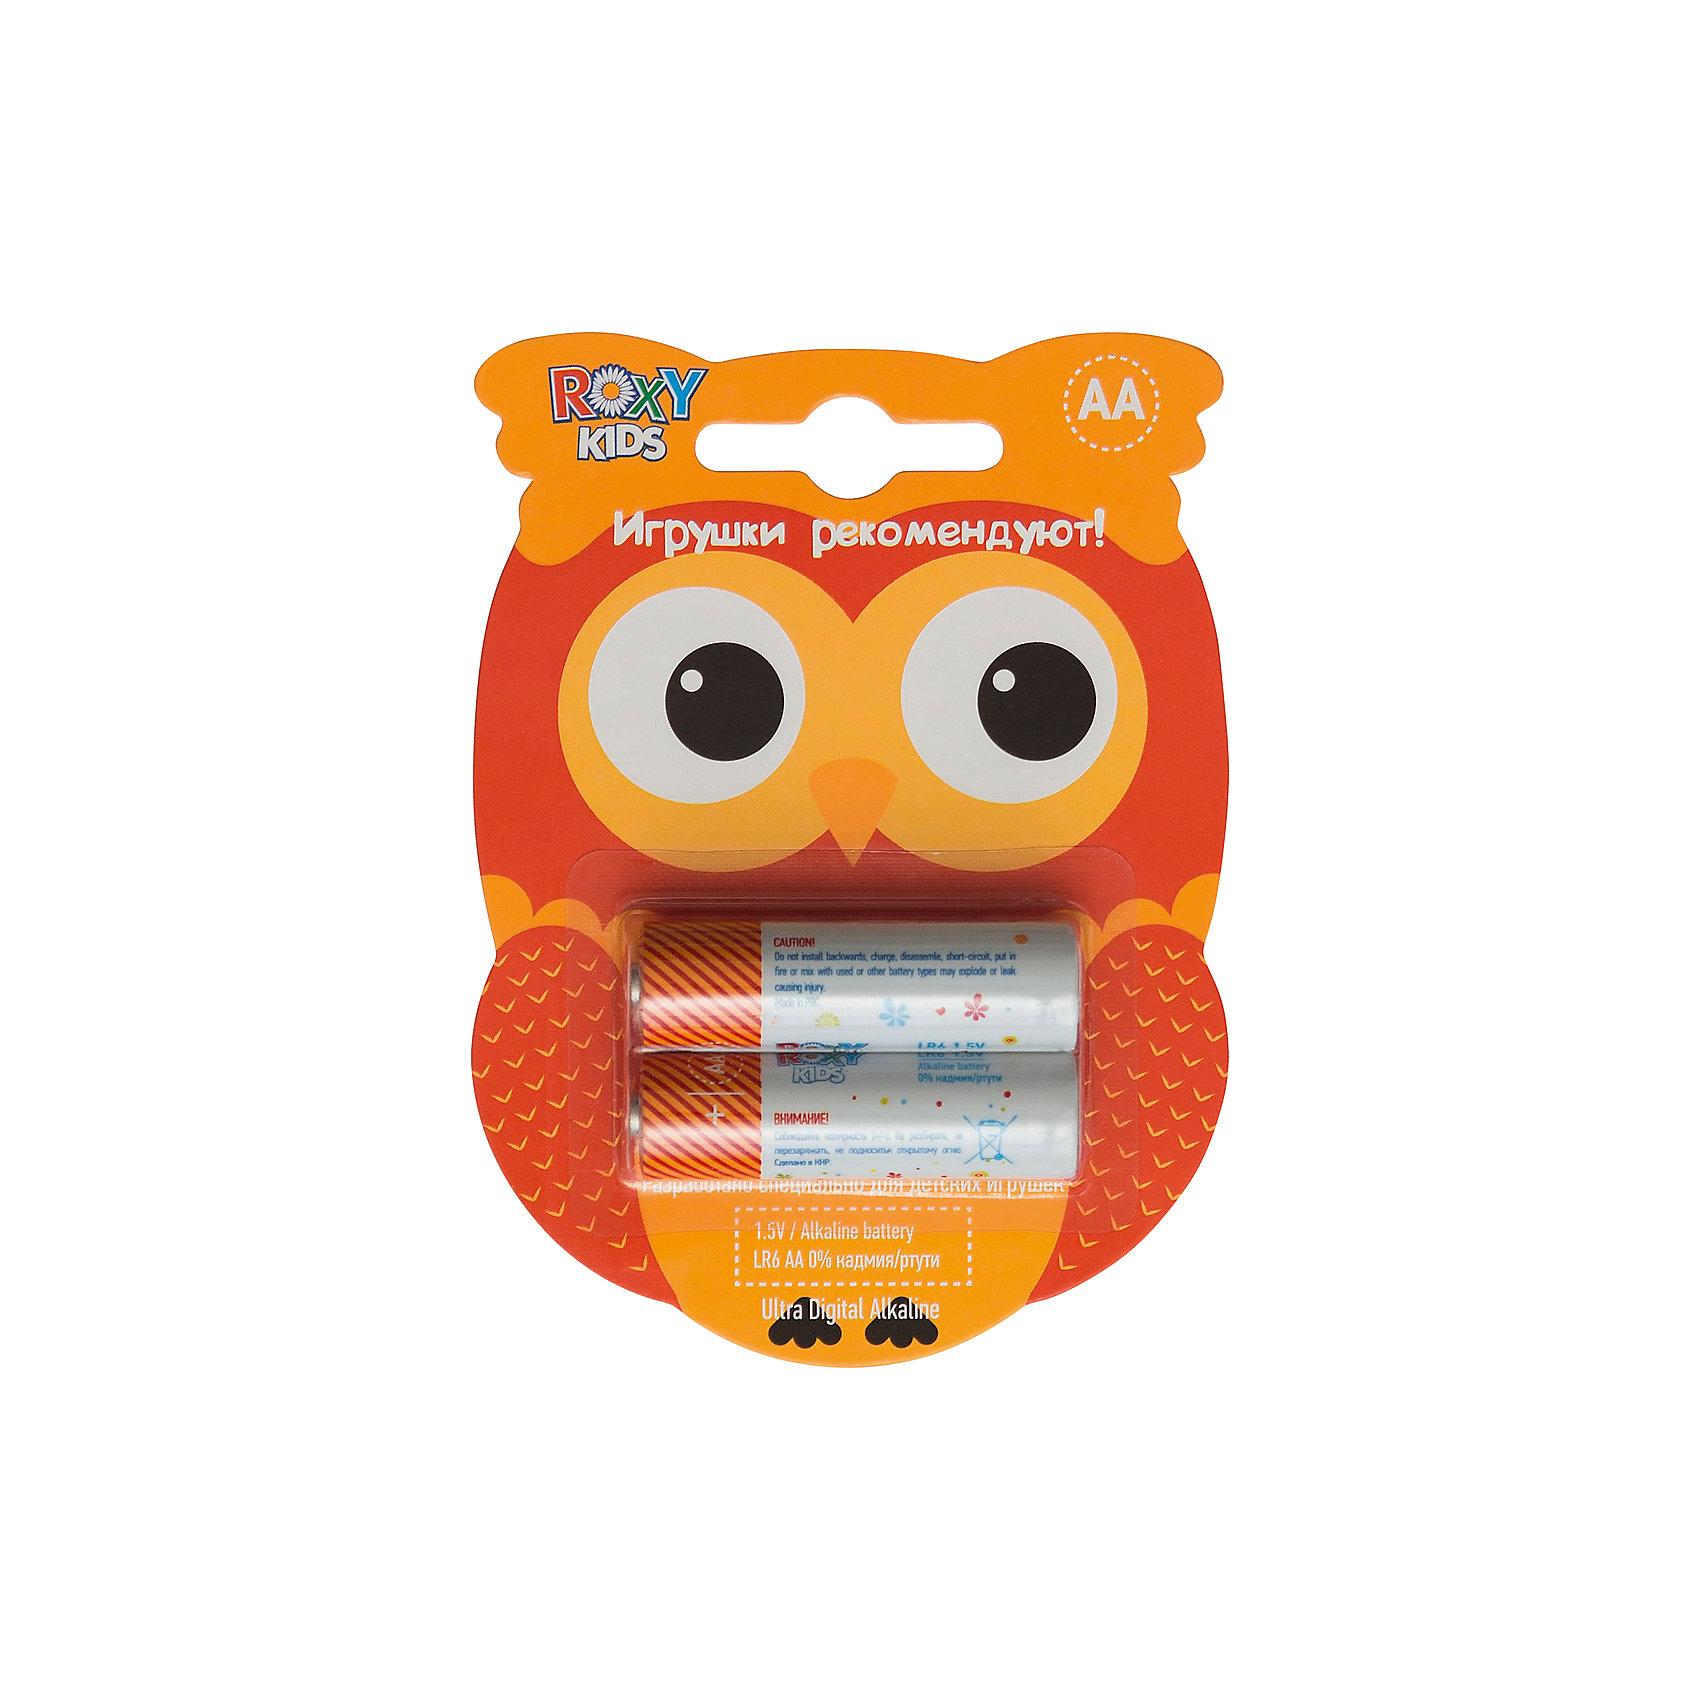 Батарейки для игрушек, тип АА, 2 шт., Roxy-kidsСОВА - Alkaline Battery LR - щелочные (алкалиновые) батарейки. <br>Батарейки ROXY-KIDS - идеальное соотношение цены и продолжительности заряда для игрушек! Батарейки ROXY-KIDS - минимальная стоимость одного часа работы!<br><br>Дополнительная информация:<br><br>Тип батареек: АА<br>В комплекте 2 шт.<br>В составе 0% ртути и кадмия. <br>Системы менеджмента качества и экологического менеджмента подтверждена в Нидерландах.<br><br>Батарейки, тип АА, 1,5В, 2 шт., Roxy-kids можно купить в нашем магазине.<br><br>Ширина мм: 110<br>Глубина мм: 80<br>Высота мм: 10<br>Вес г: 40<br>Возраст от месяцев: 192<br>Возраст до месяцев: 1188<br>Пол: Унисекс<br>Возраст: Детский<br>SKU: 4188900